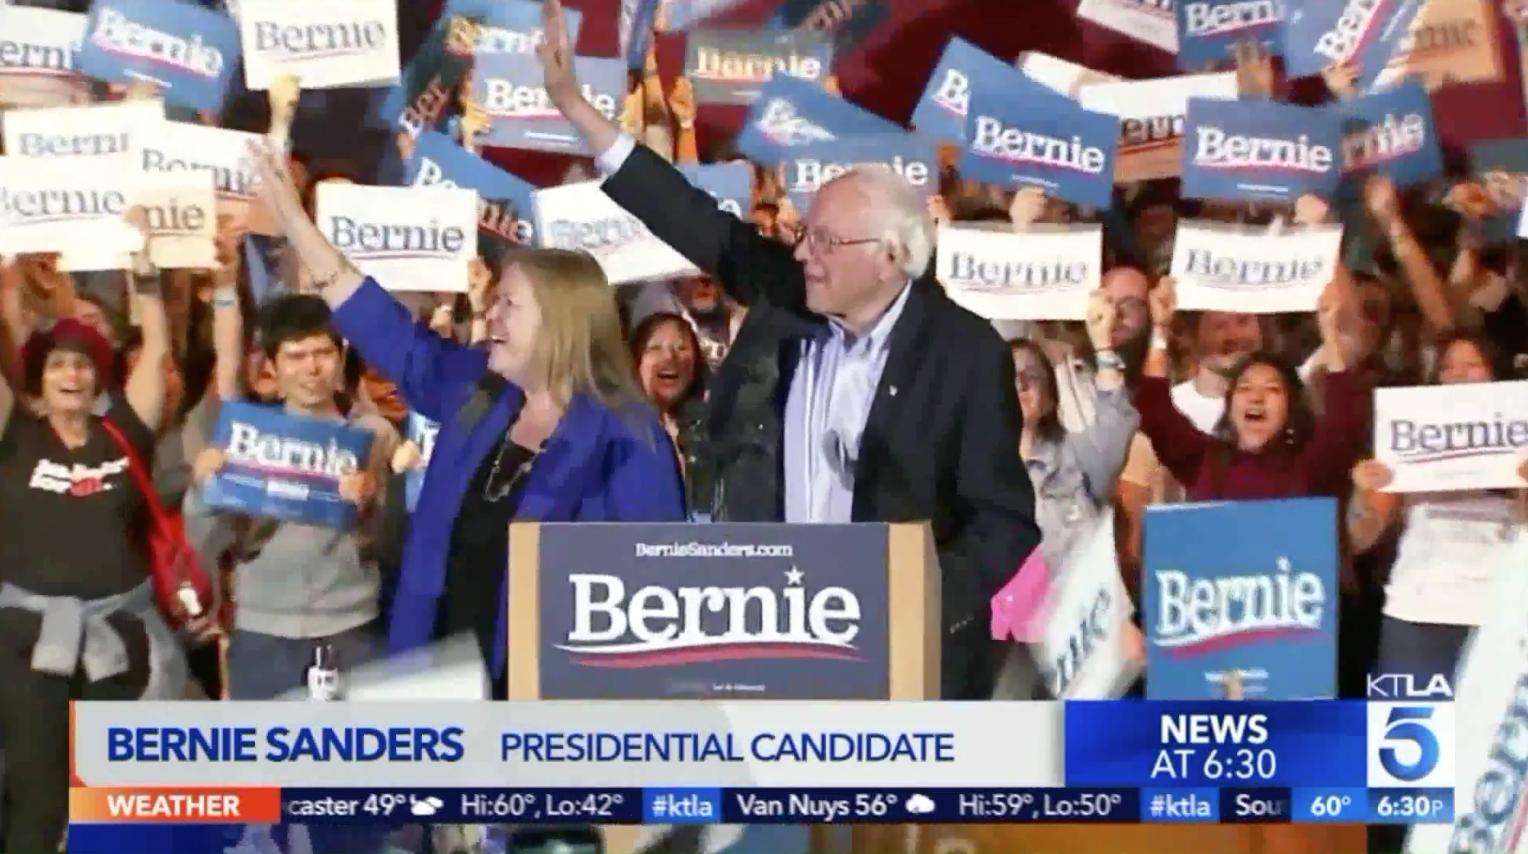 Thượng Nghị Sĩ Bernie Sanders giành chiến thắng trong cuộc bầu cử sơ bộ ở Nevada